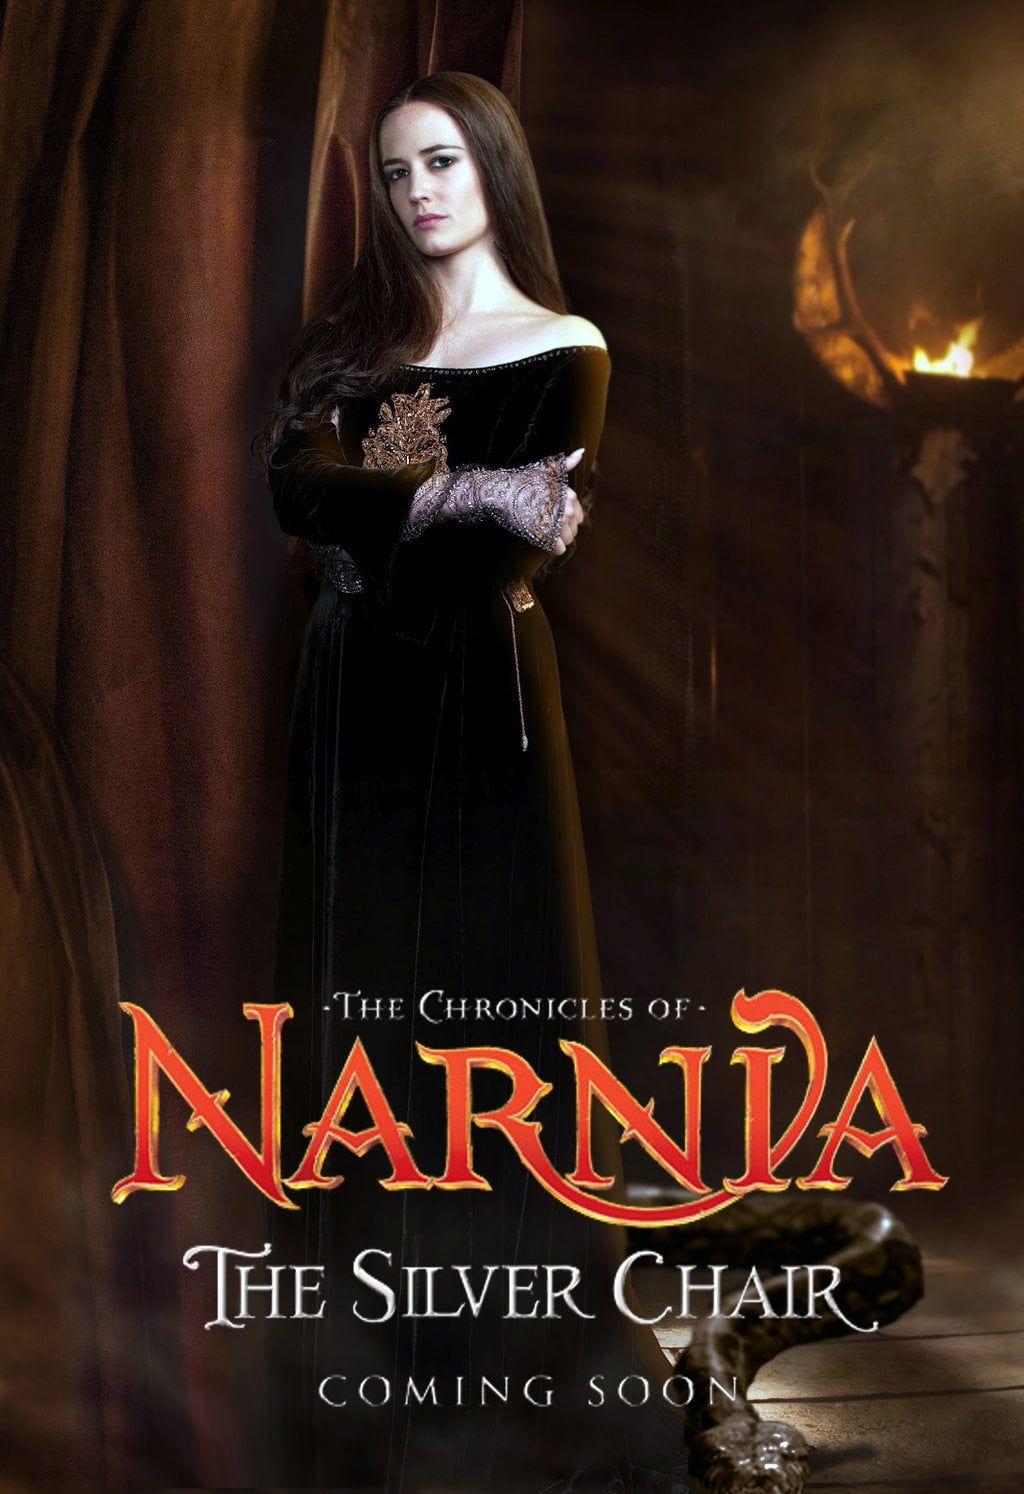 Le Monde De Narnia Le Fauteuil D Argent : monde, narnia, fauteuil, argent, Affiches,, Posters, Images, Monde, Narnia, Le...